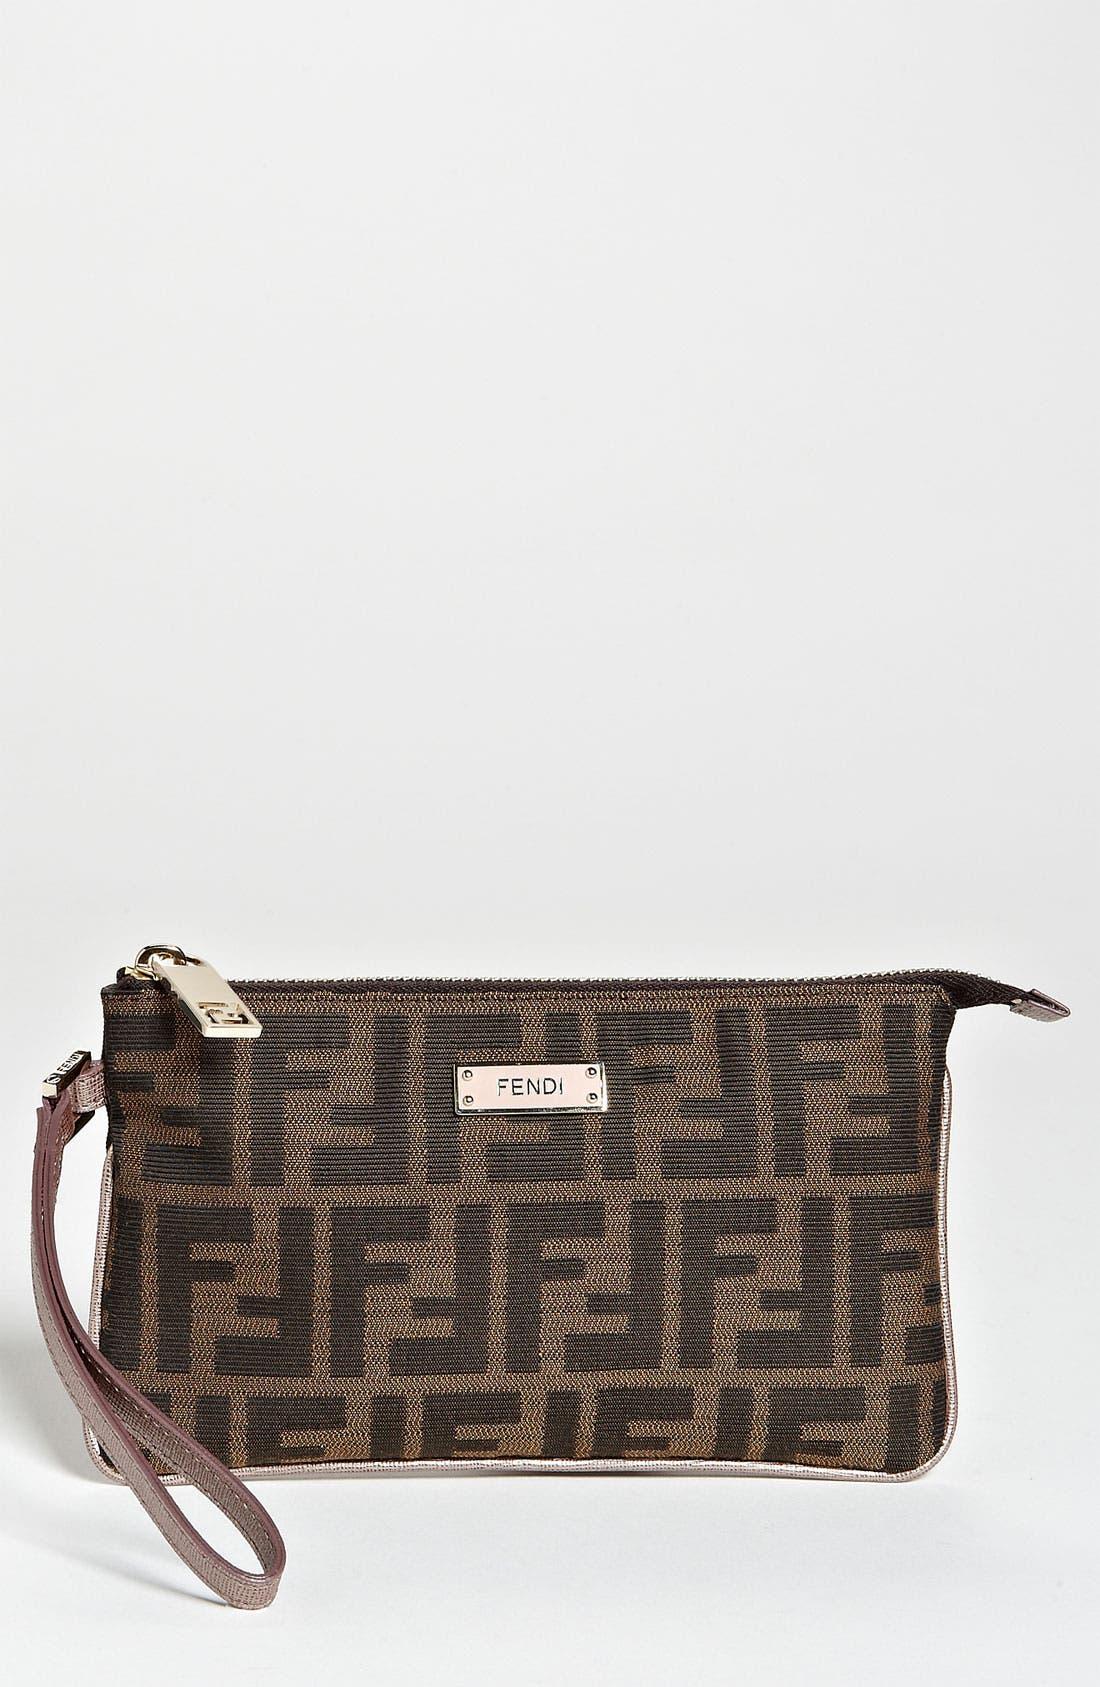 Main Image - Fendi 'Zucca' Fabric Wristlet